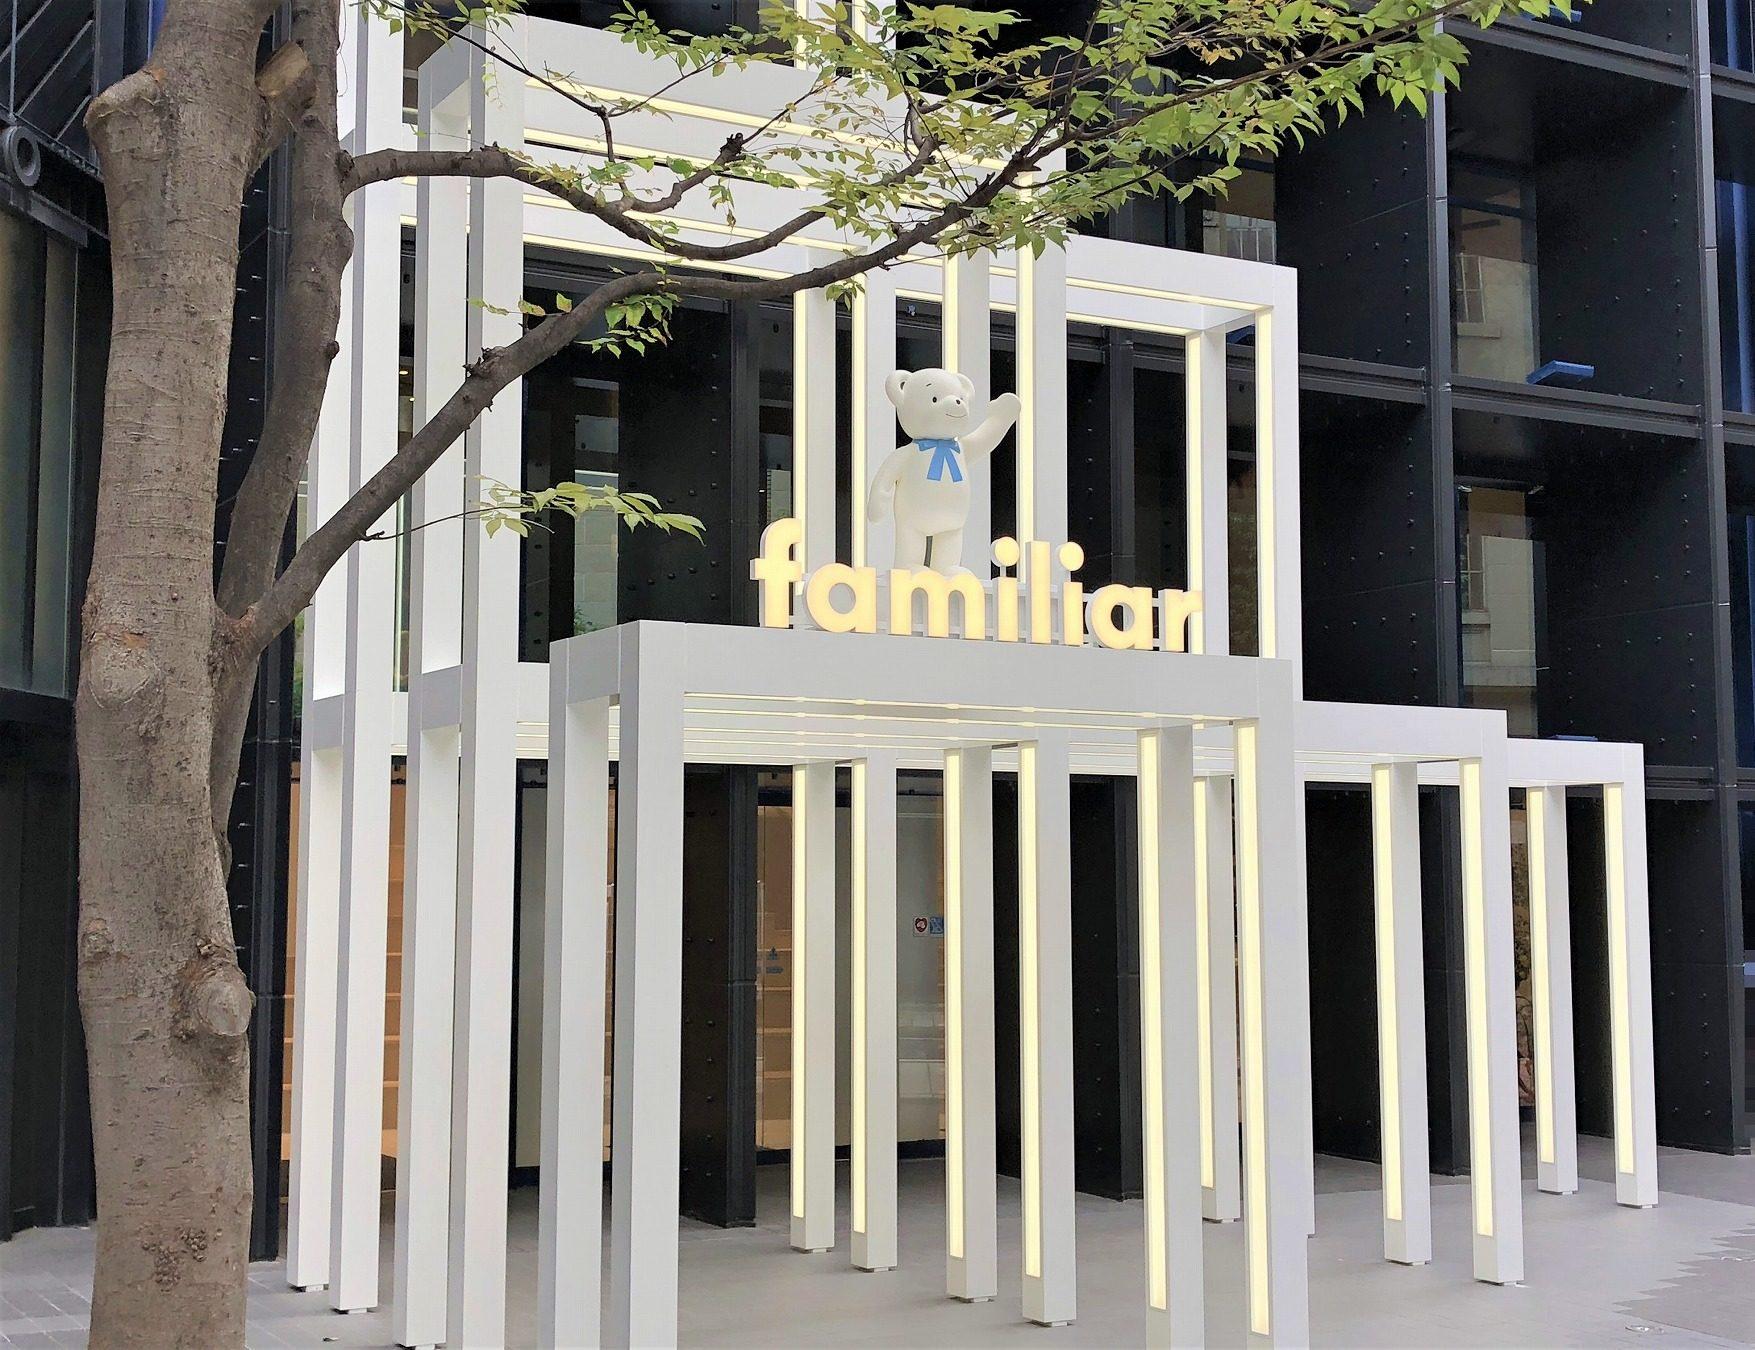 「ファミリア神戸本店」が旧居留地に9月8日(土)オープンしたので、店舗に立ち寄ってみた! #ファミリア #familiar #ファミリア移転 #神戸ルール #べっぴんさん #移転オープン #旧居留地